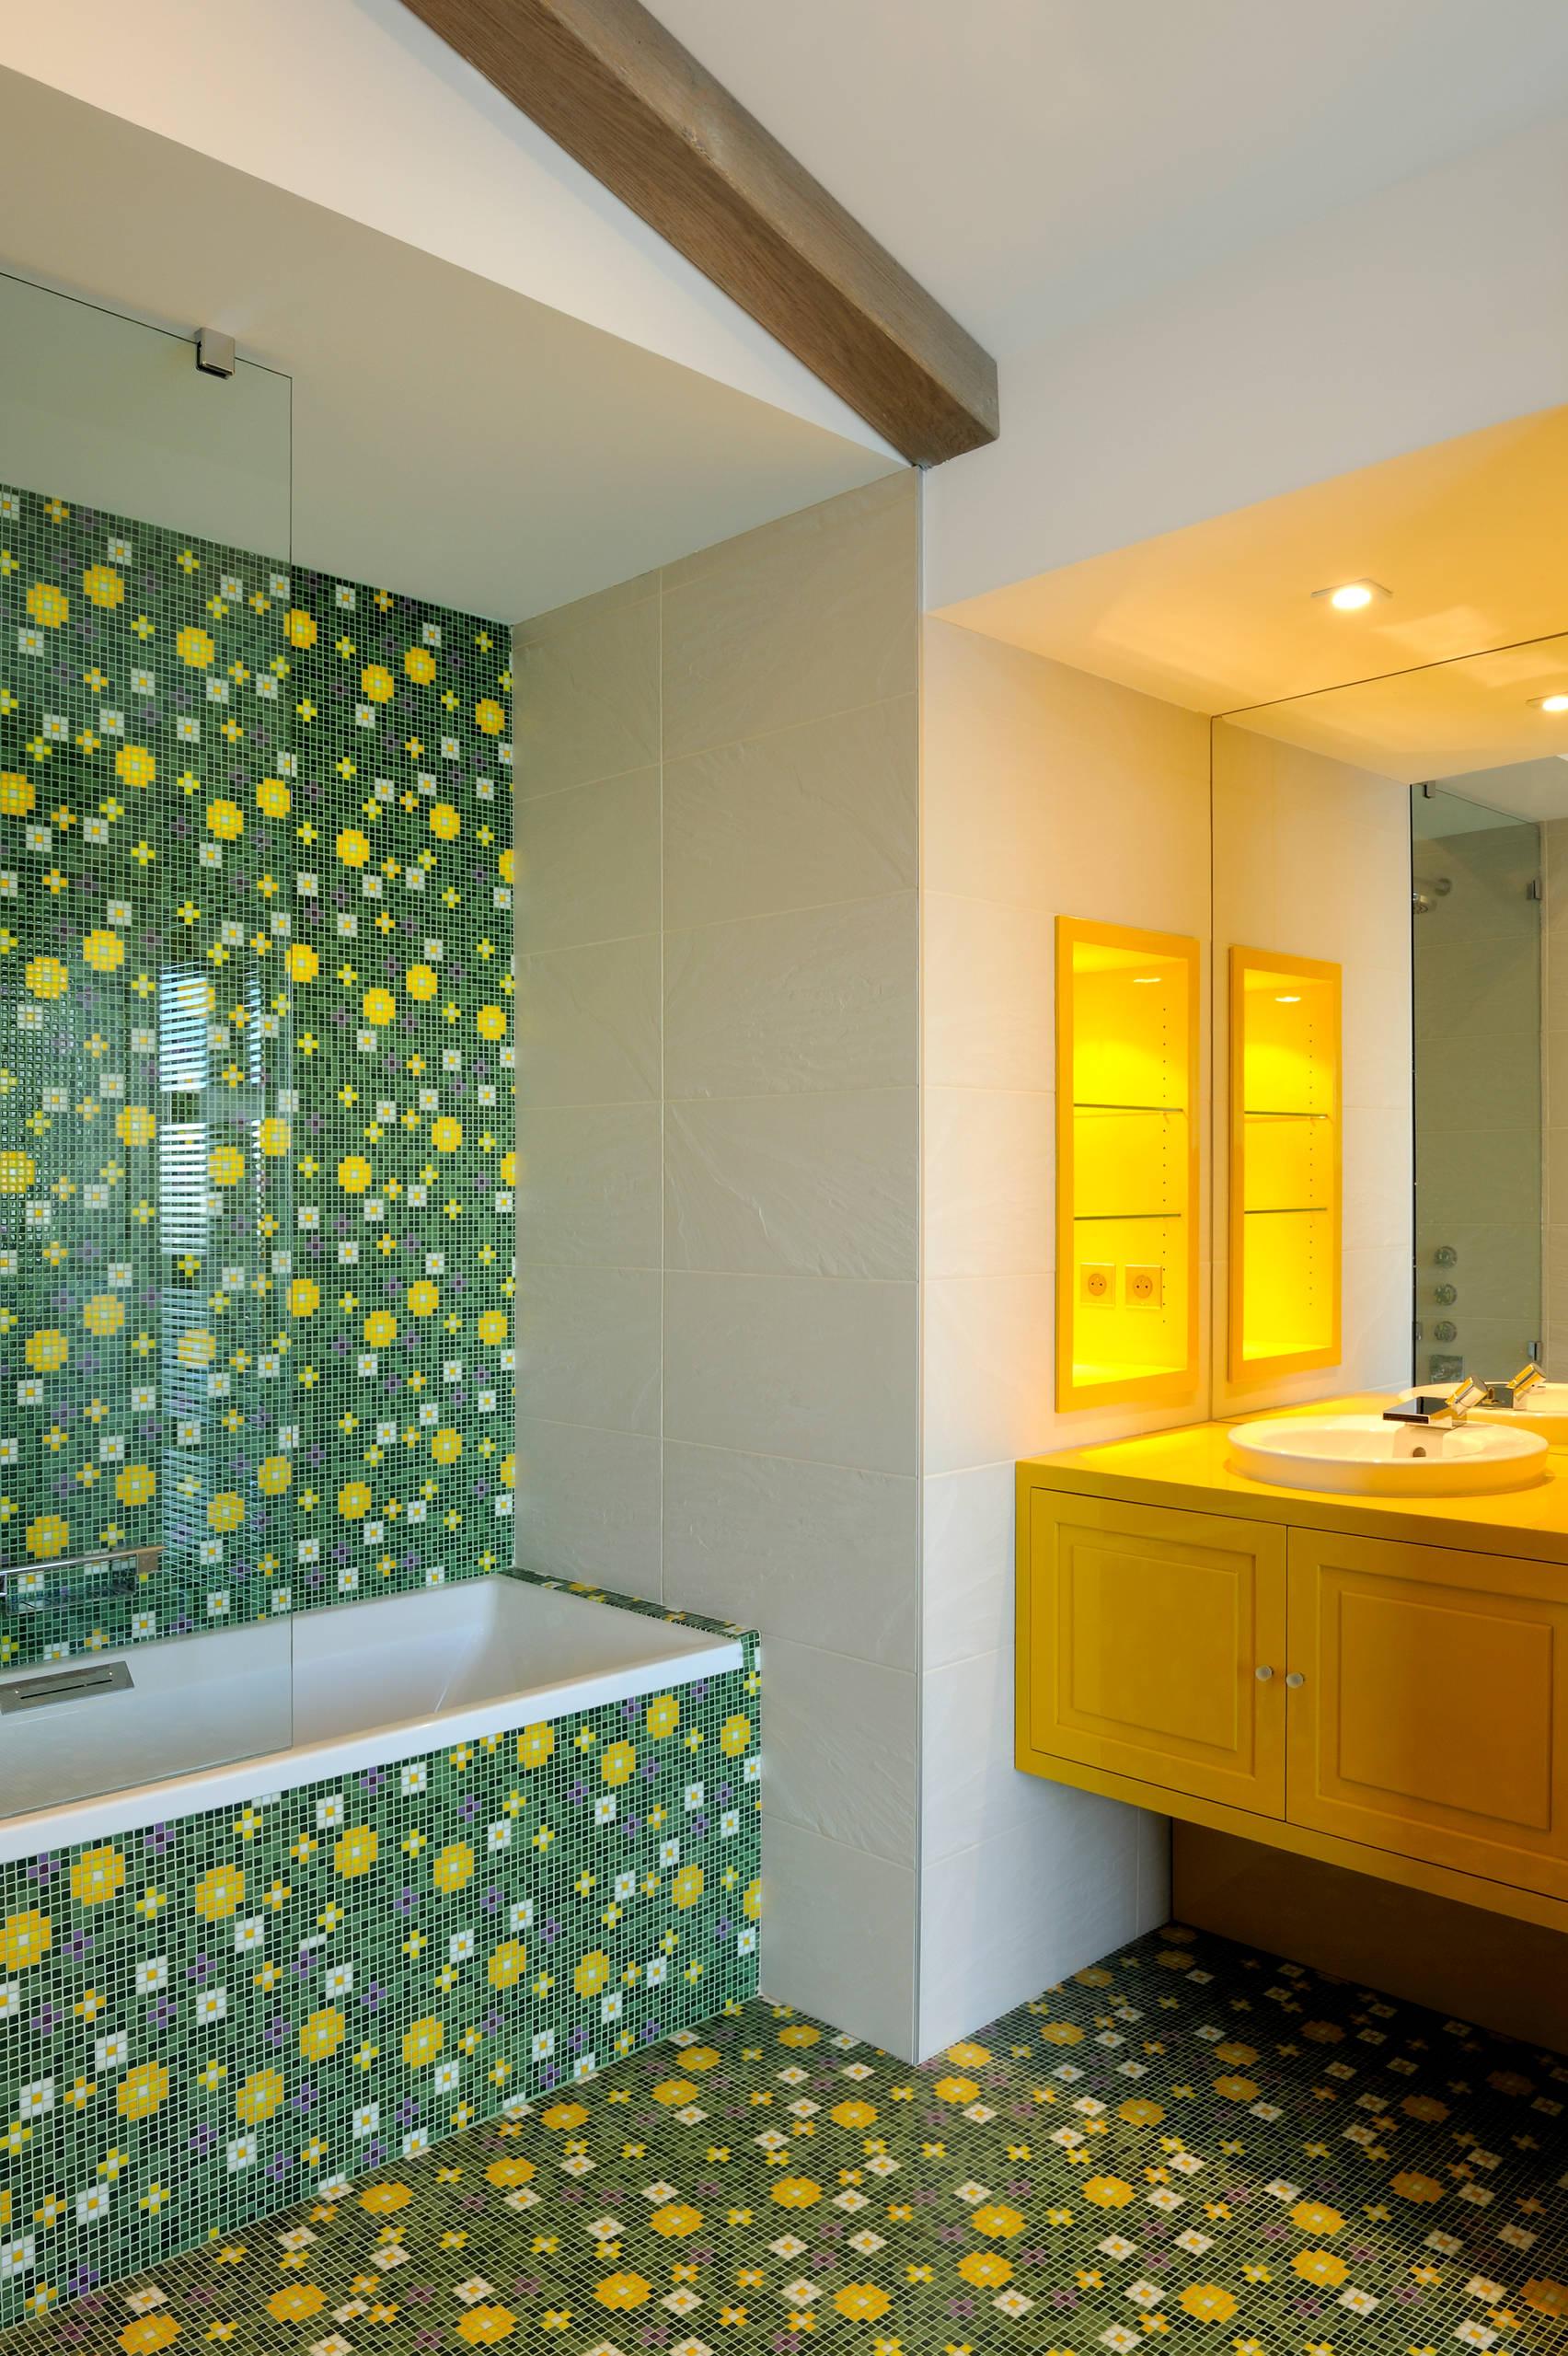 Желто-зеленая мозаика в ванной